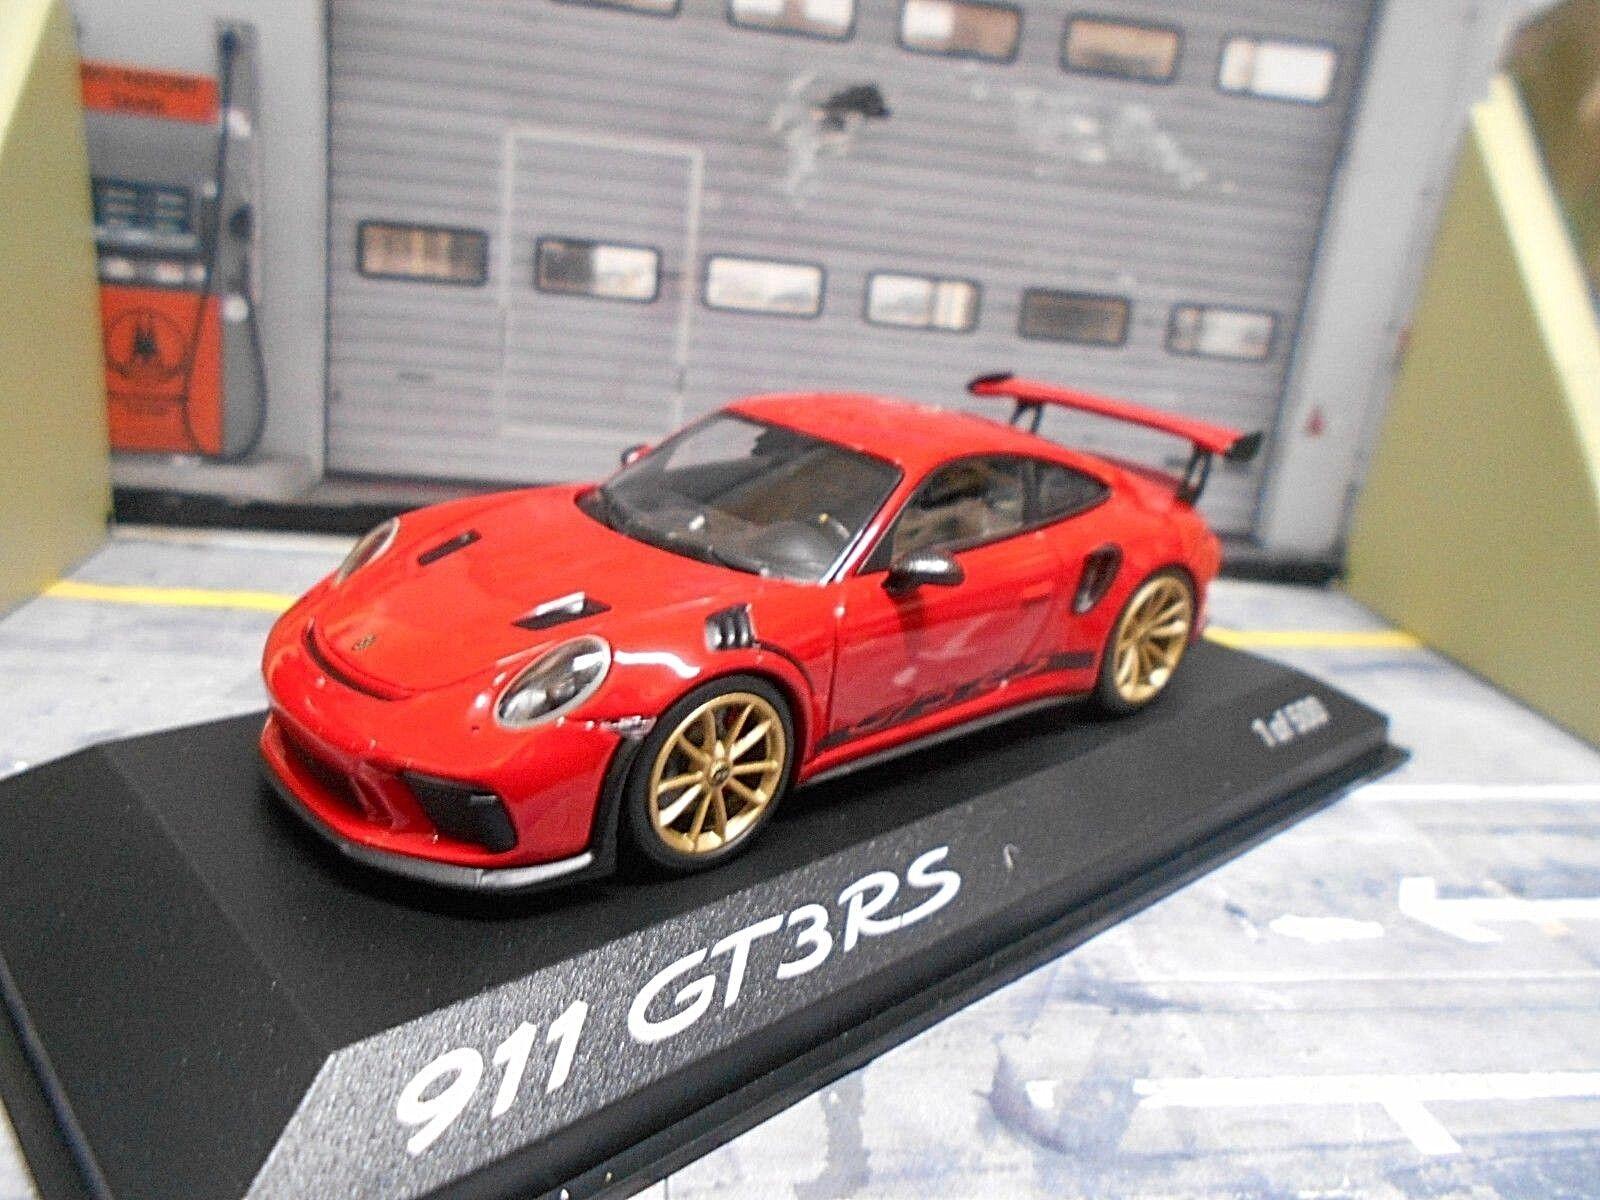 Porsche 911 991 gt3 rs gt3rs 991.2 Facelift Rouge rouge rouge rouge 1 500 MINICHAMPS 1 43 e3629c